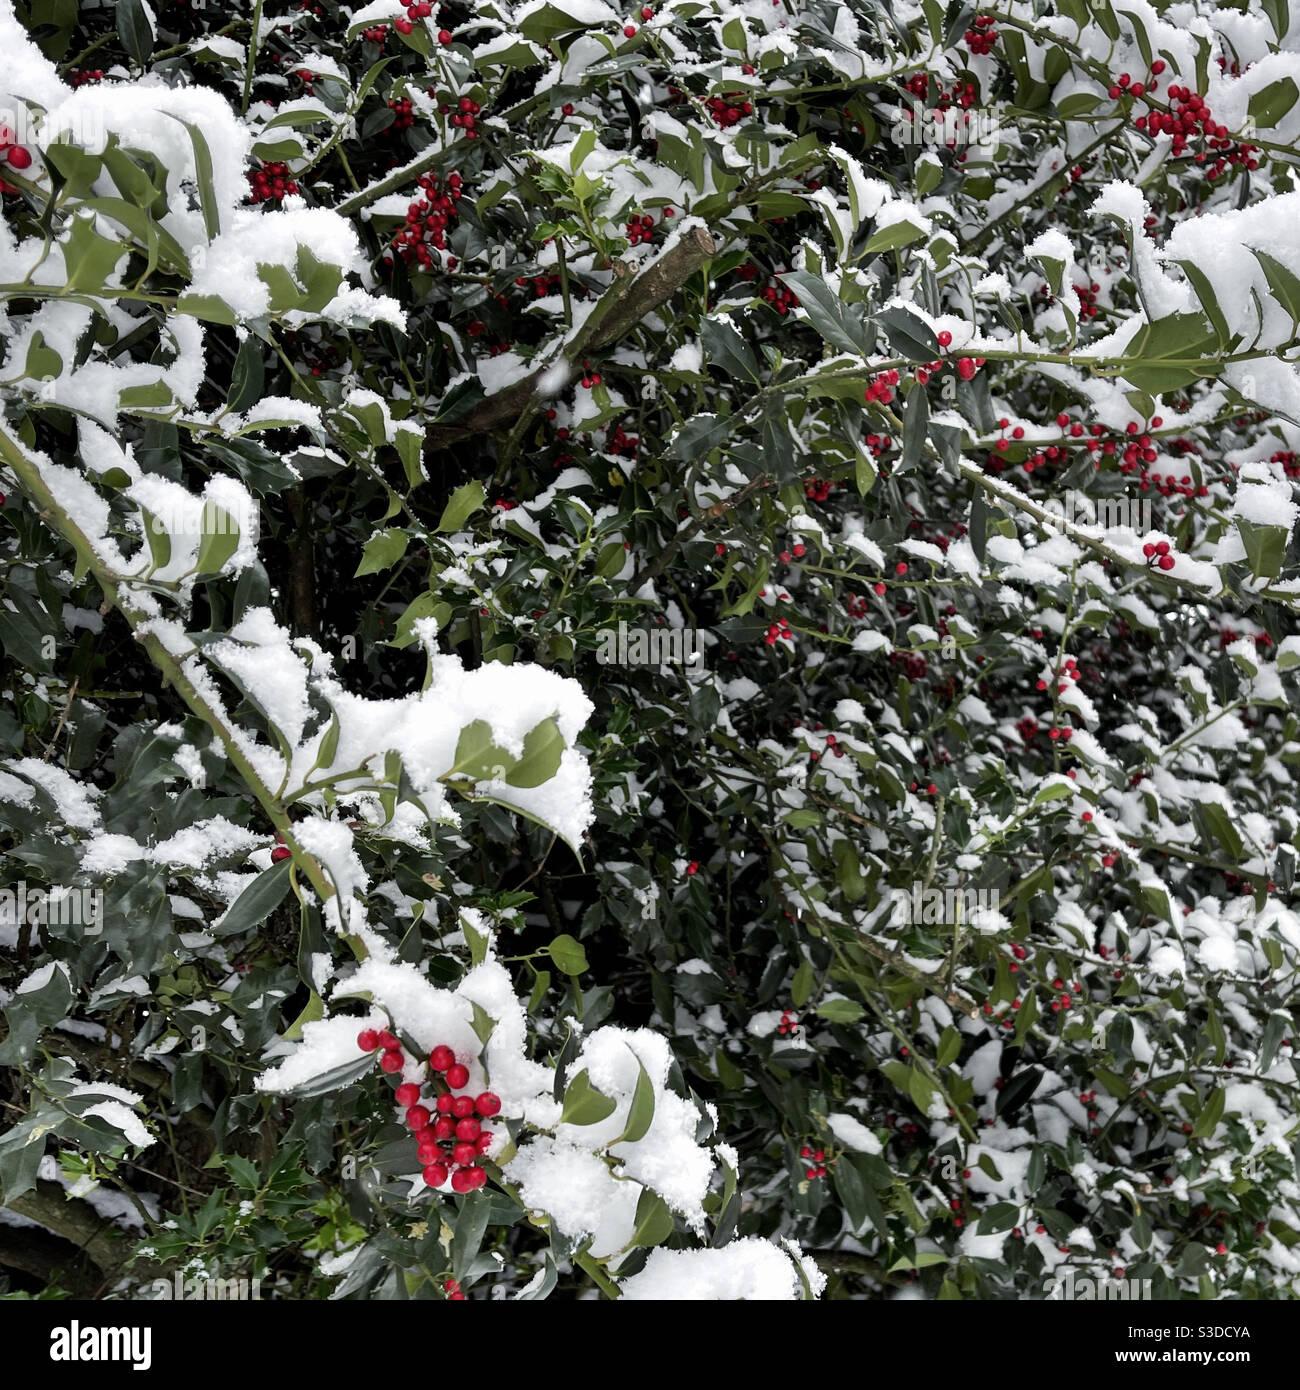 Agrifoglio con bacche rosse sotto la neve Foto Stock